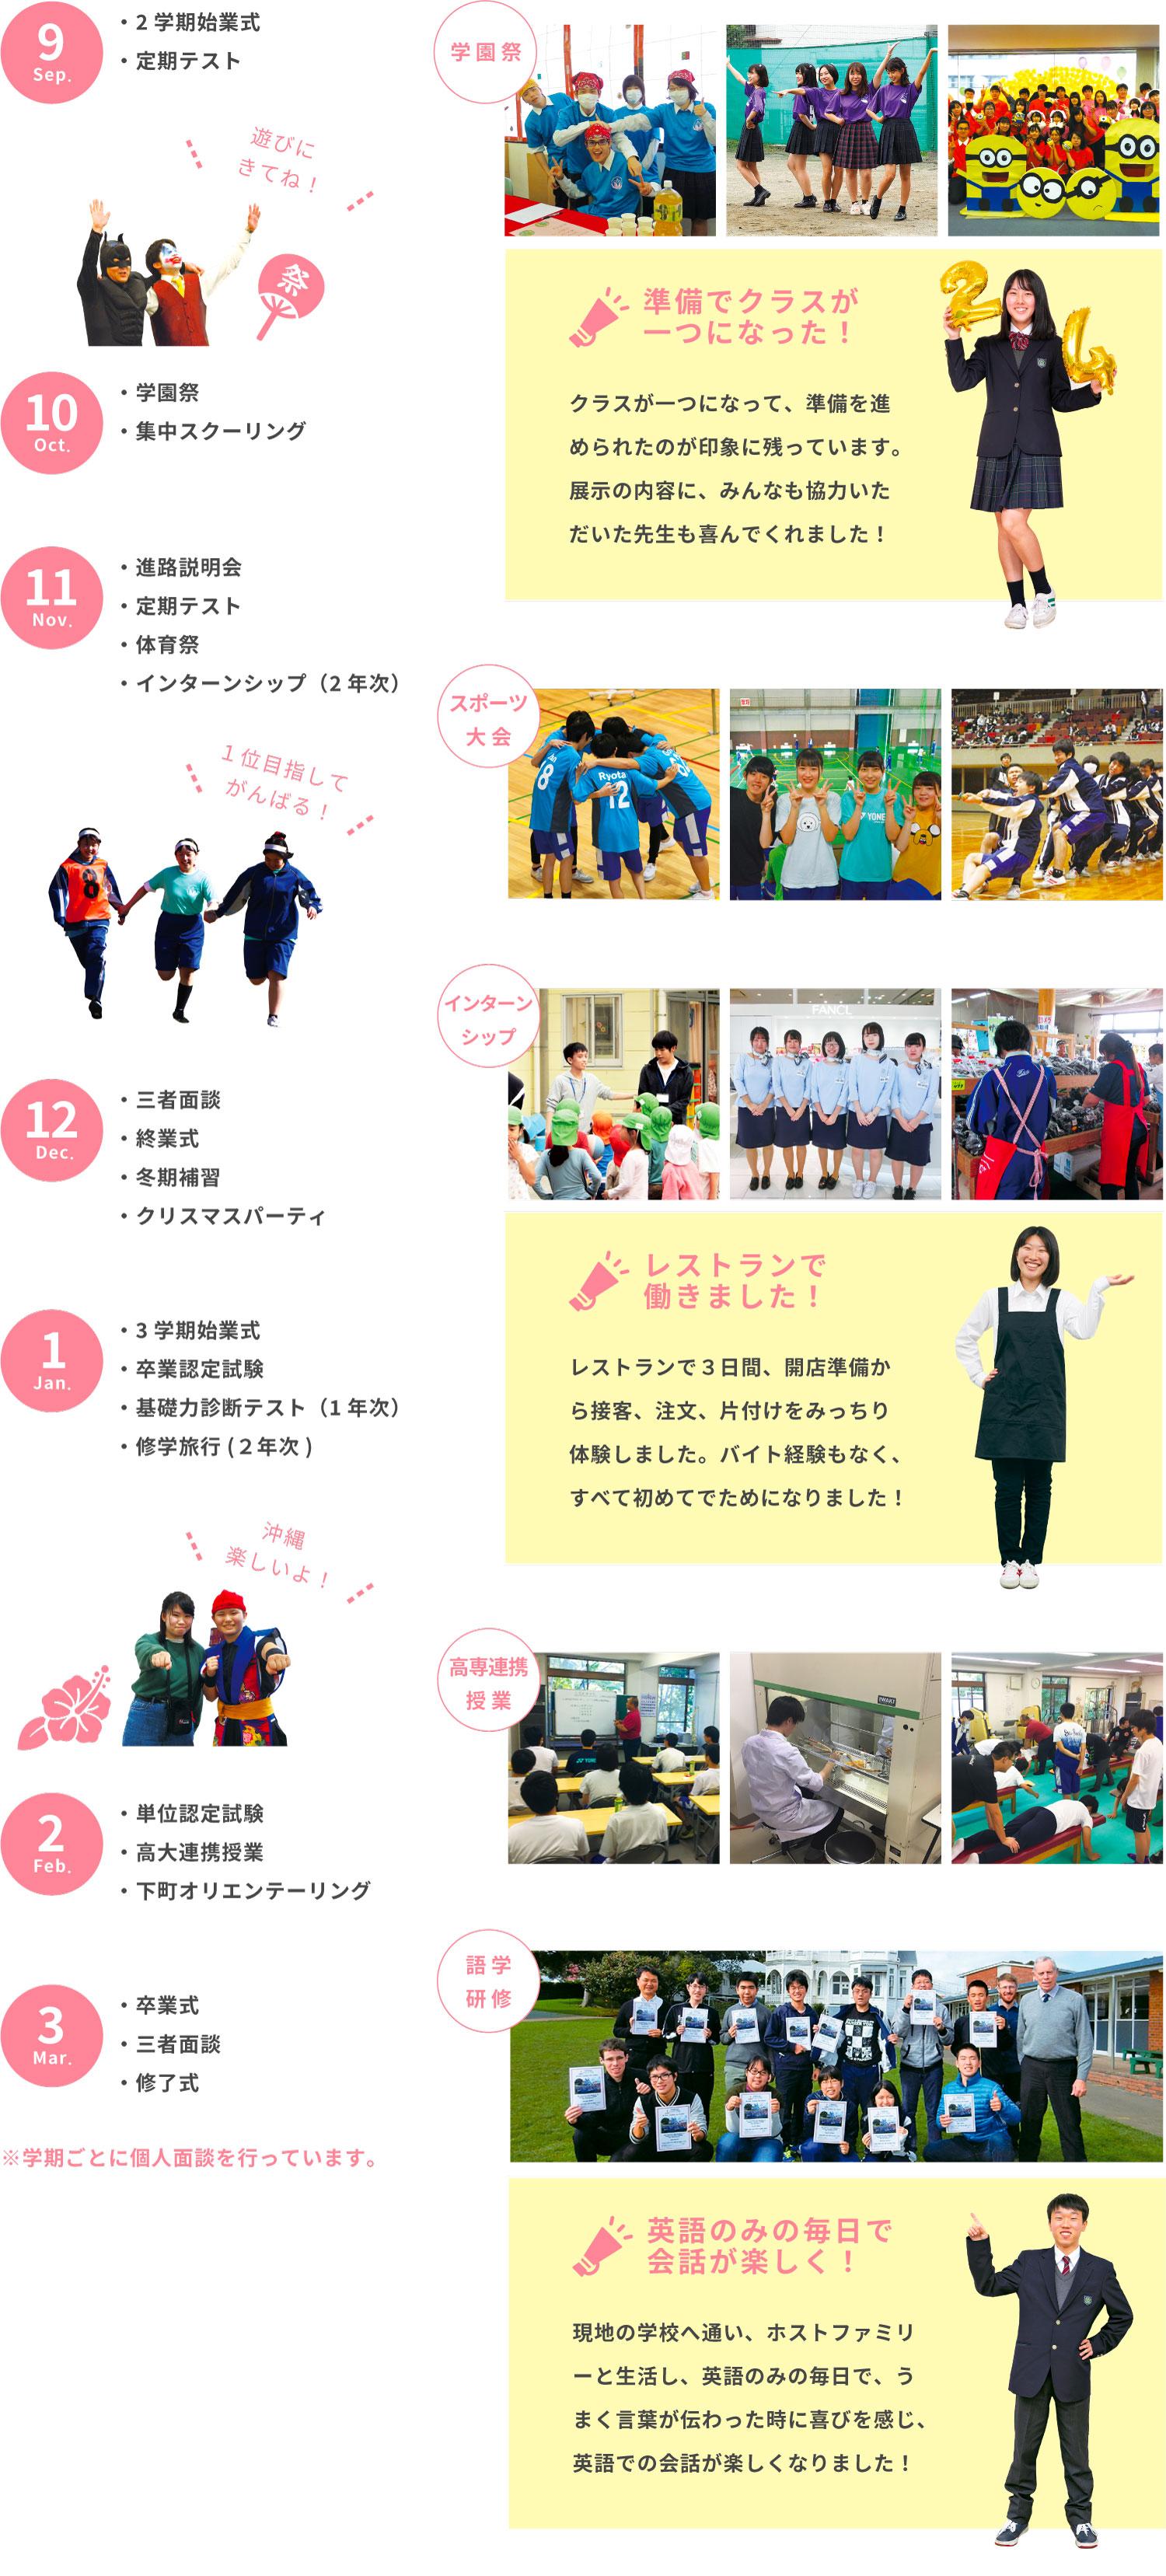 年間の学校行事